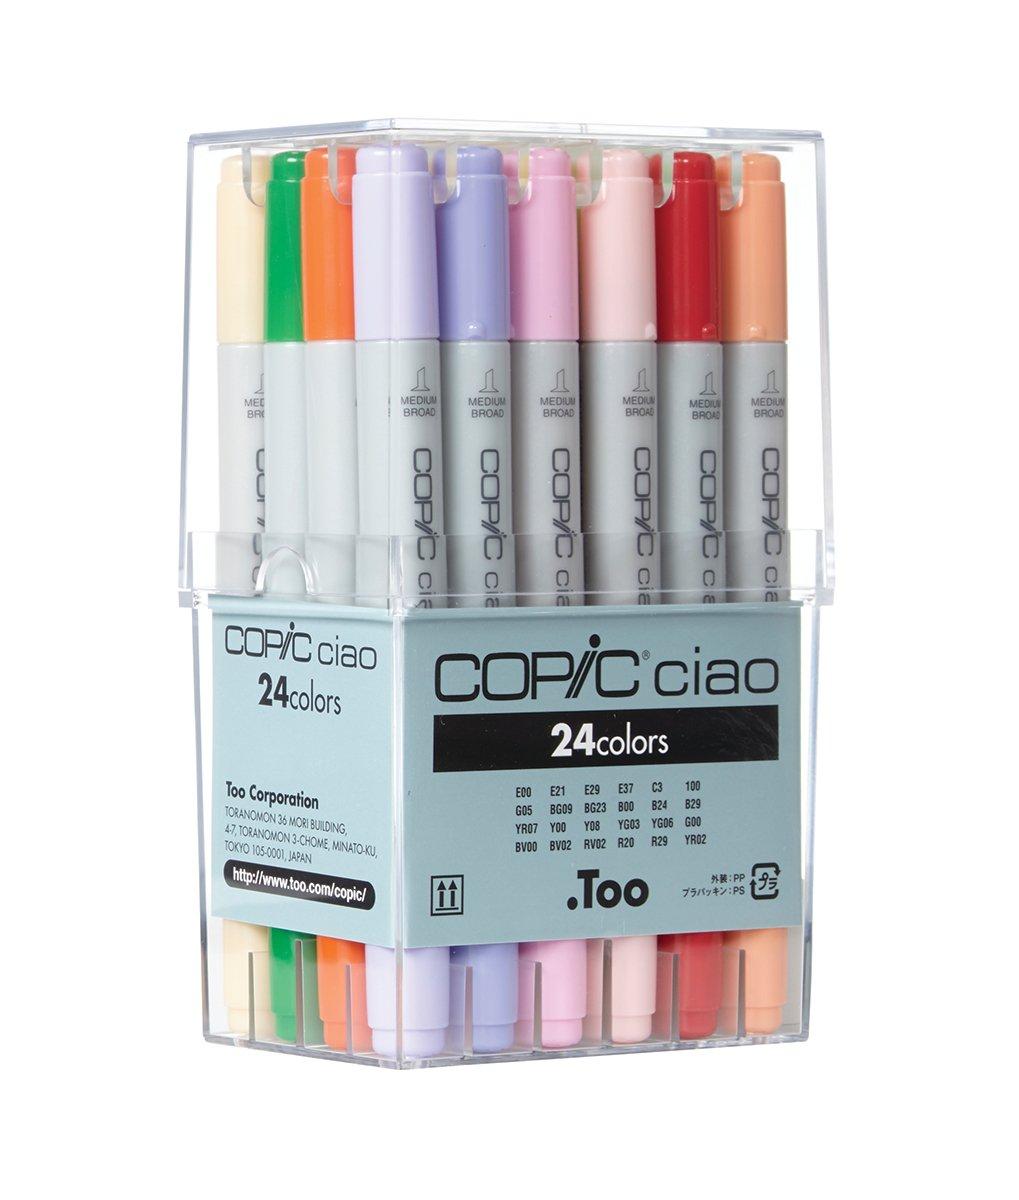 Copic CZ22075524 - Paquete de 24 rotuladores, multicolor: Amazon.es: Oficina y papelería